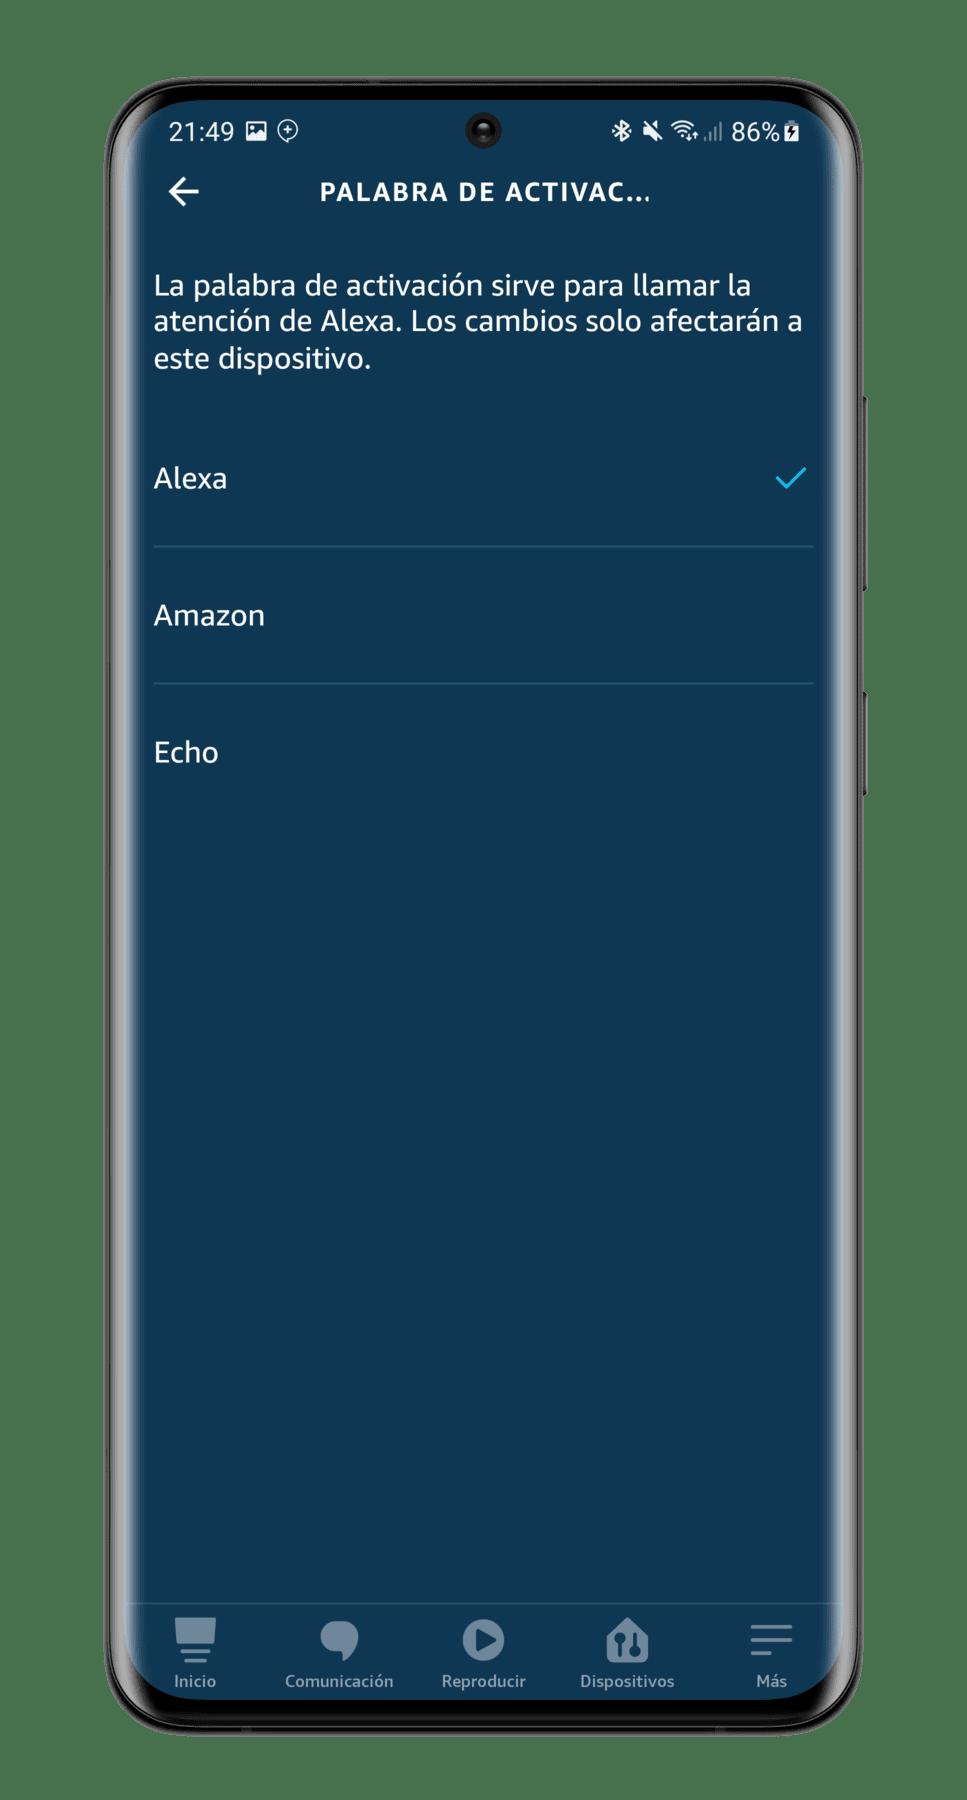 seleccionar-nombre-asistente-Amazon-Alexa